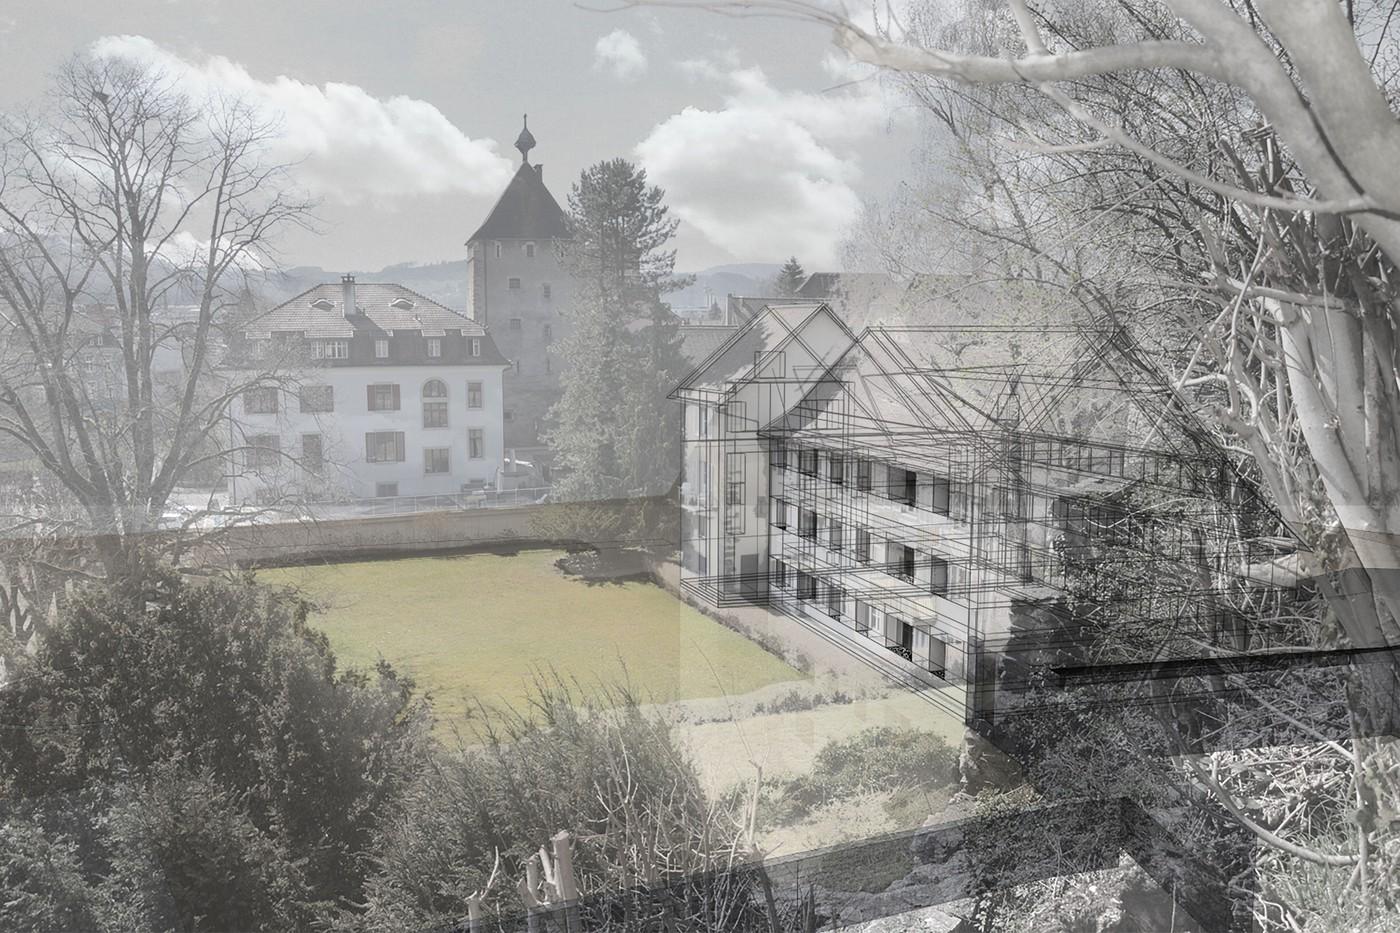 Erstvermietung ERLA Haus am Schlossberg Laufenburg